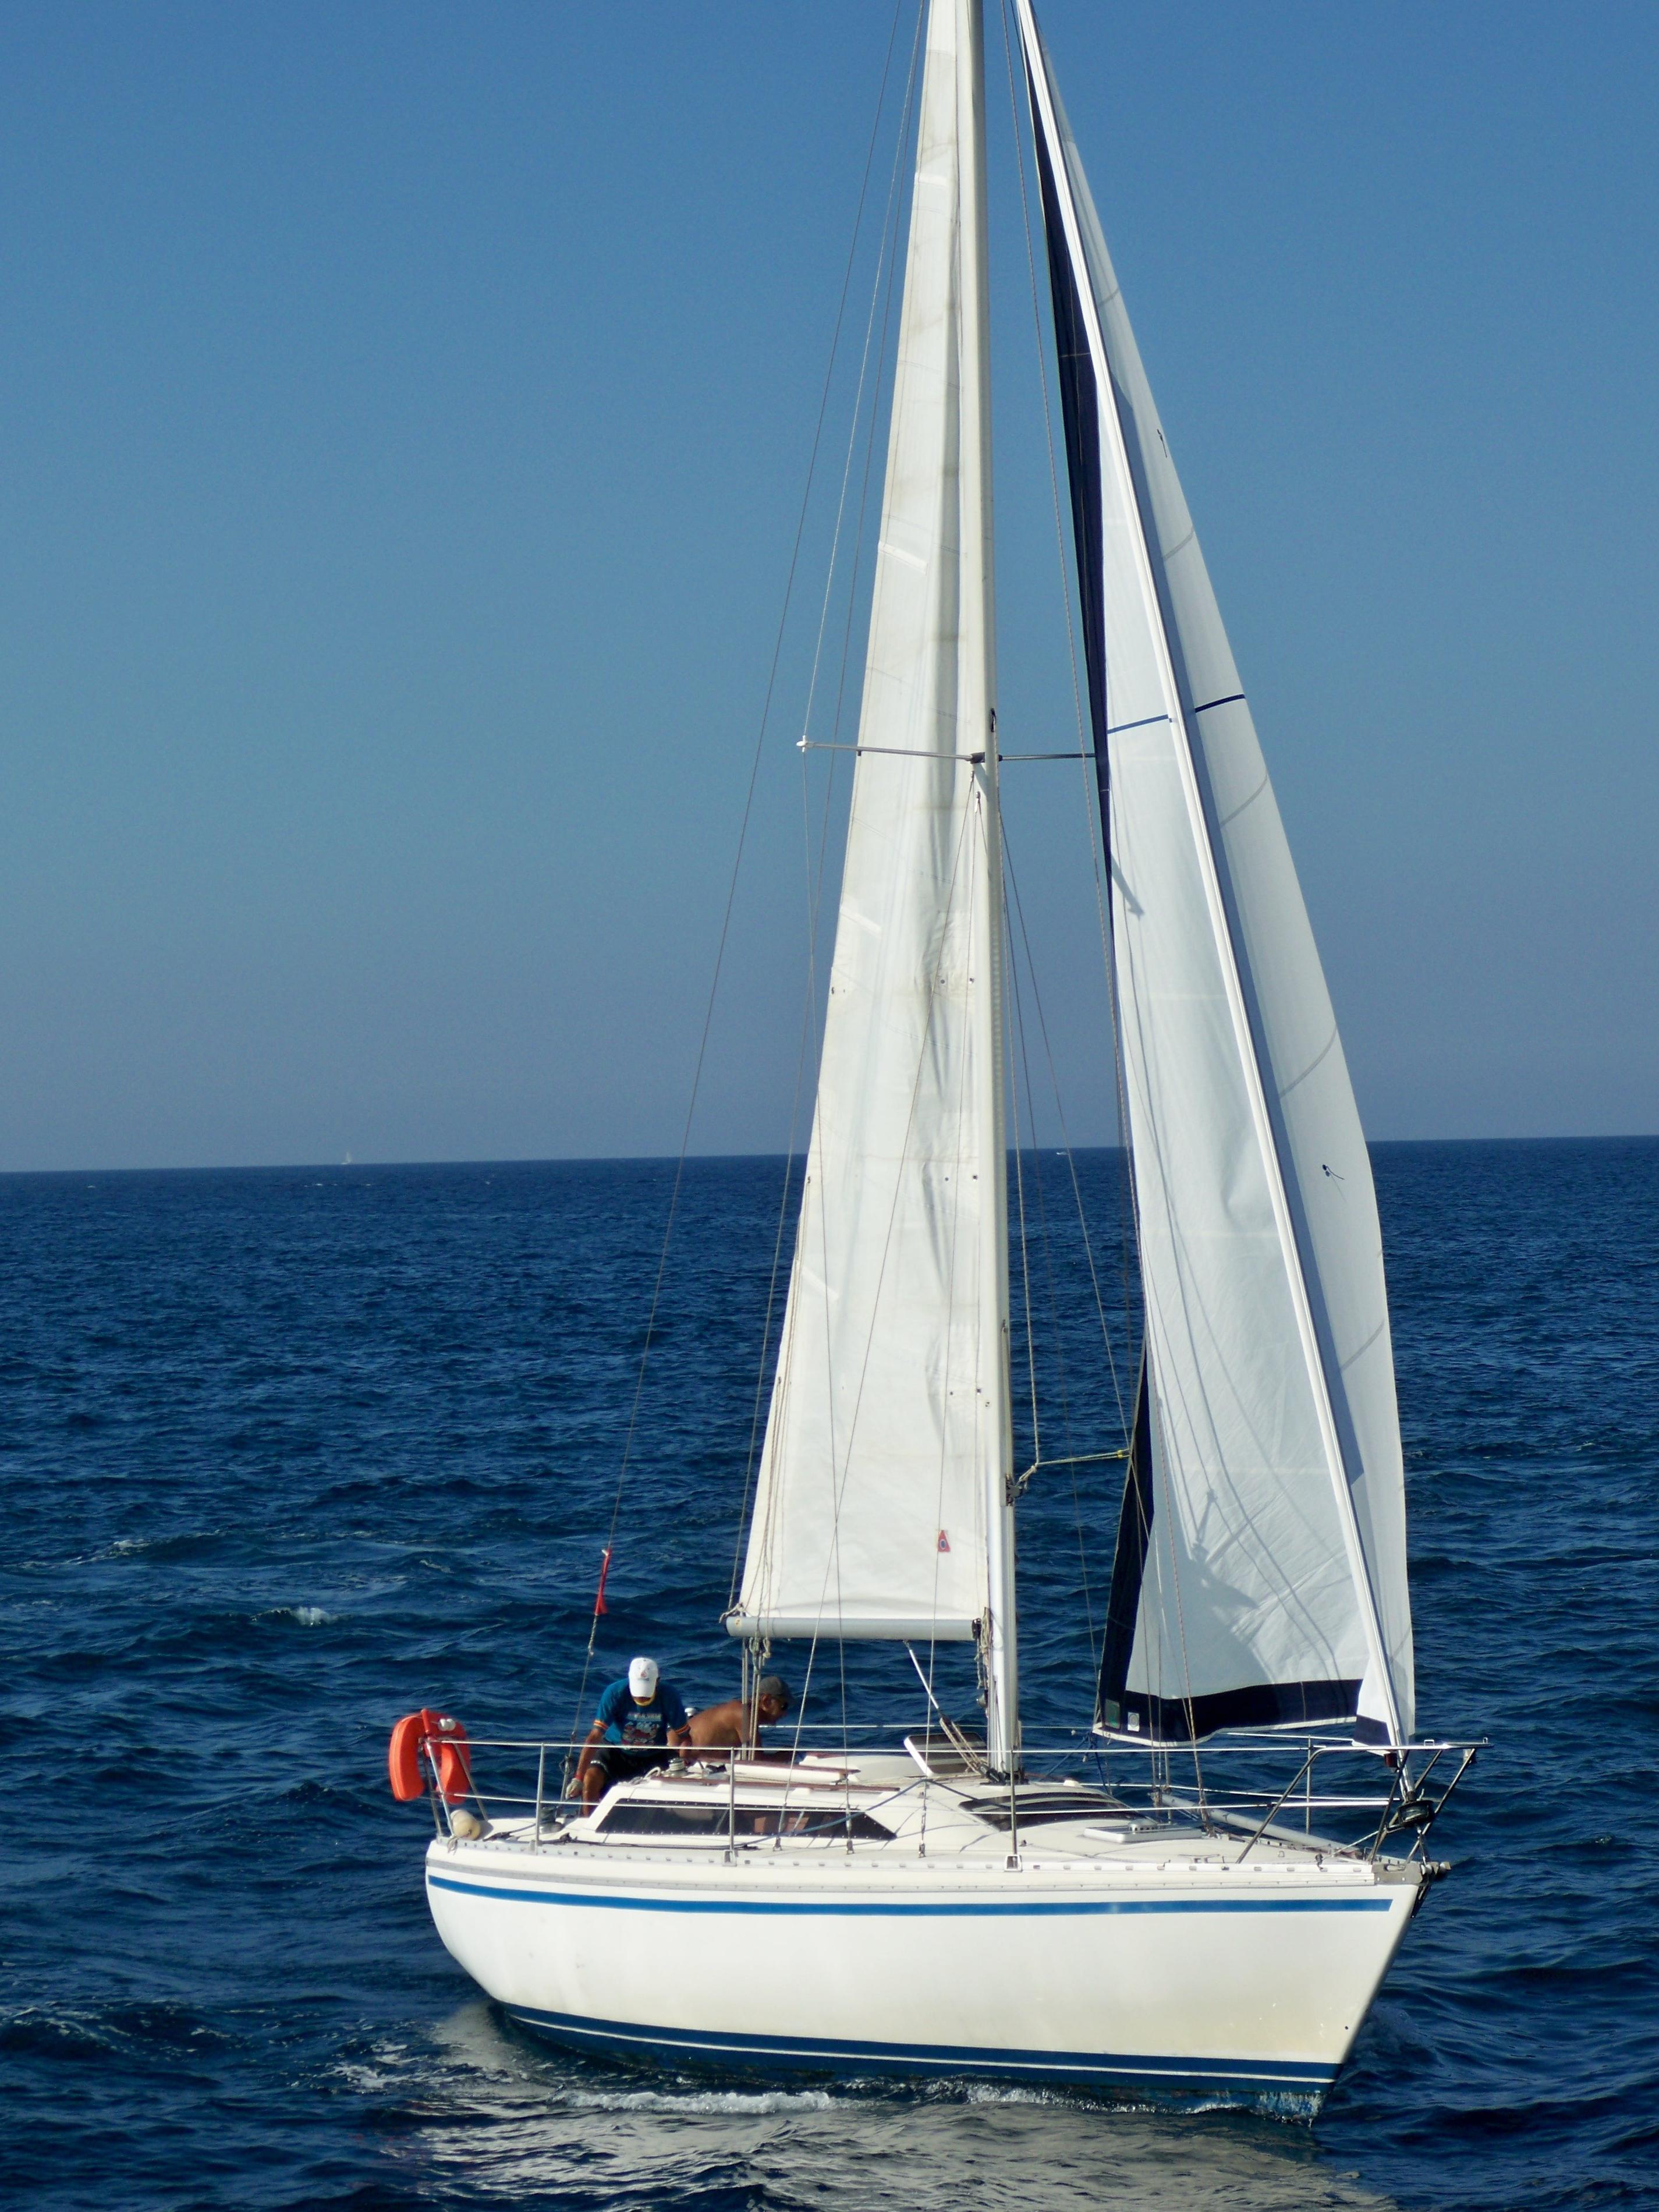 Image libre voilier yacht voile eau bateaux mer - Photo de voilier gratuite ...